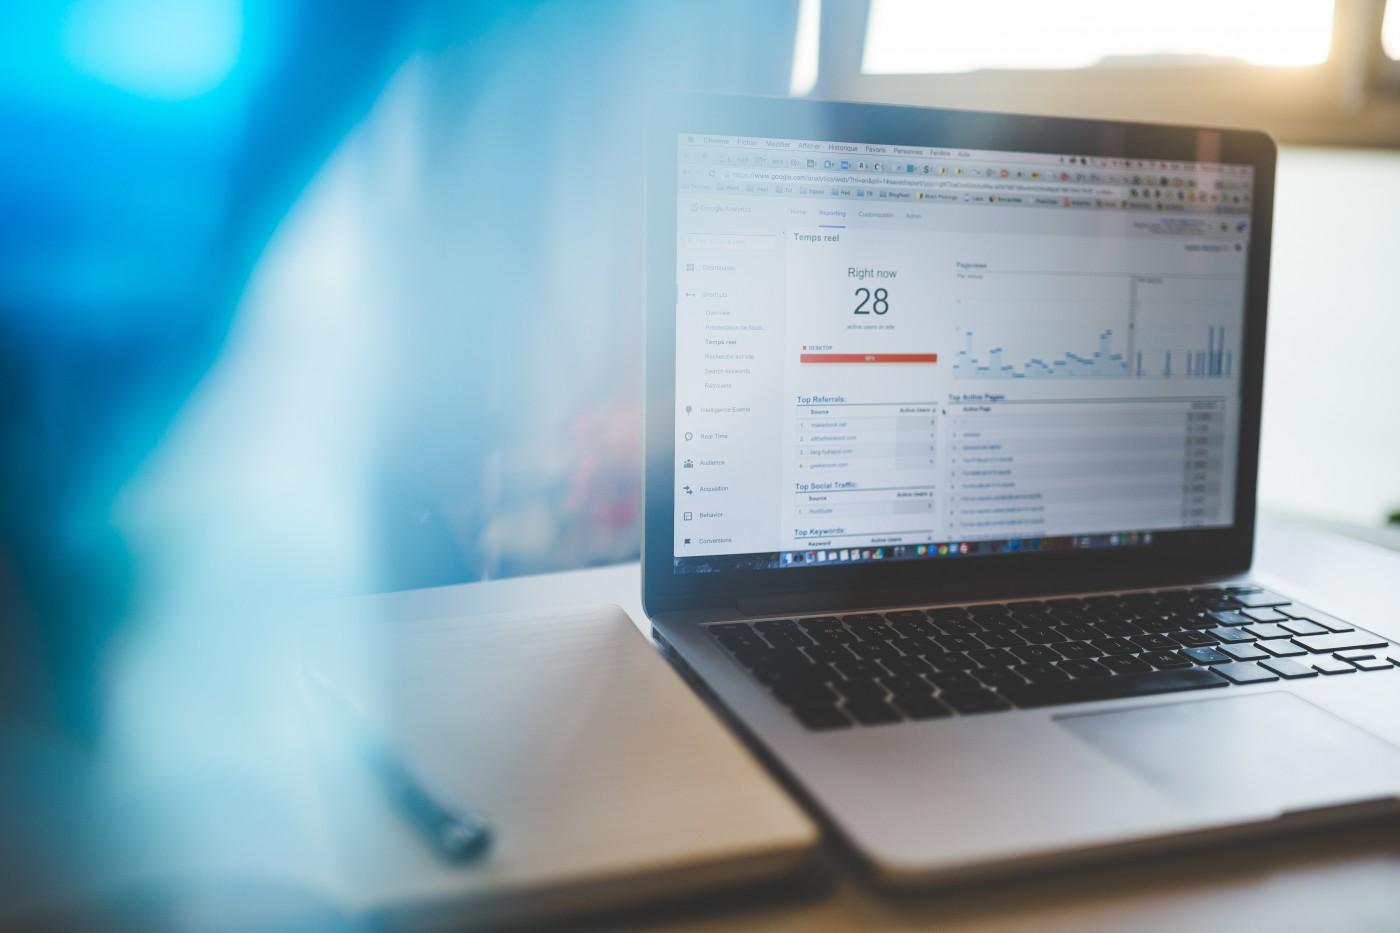 數位行銷成顯學,高達七成受訪者致力於數據分析力提升